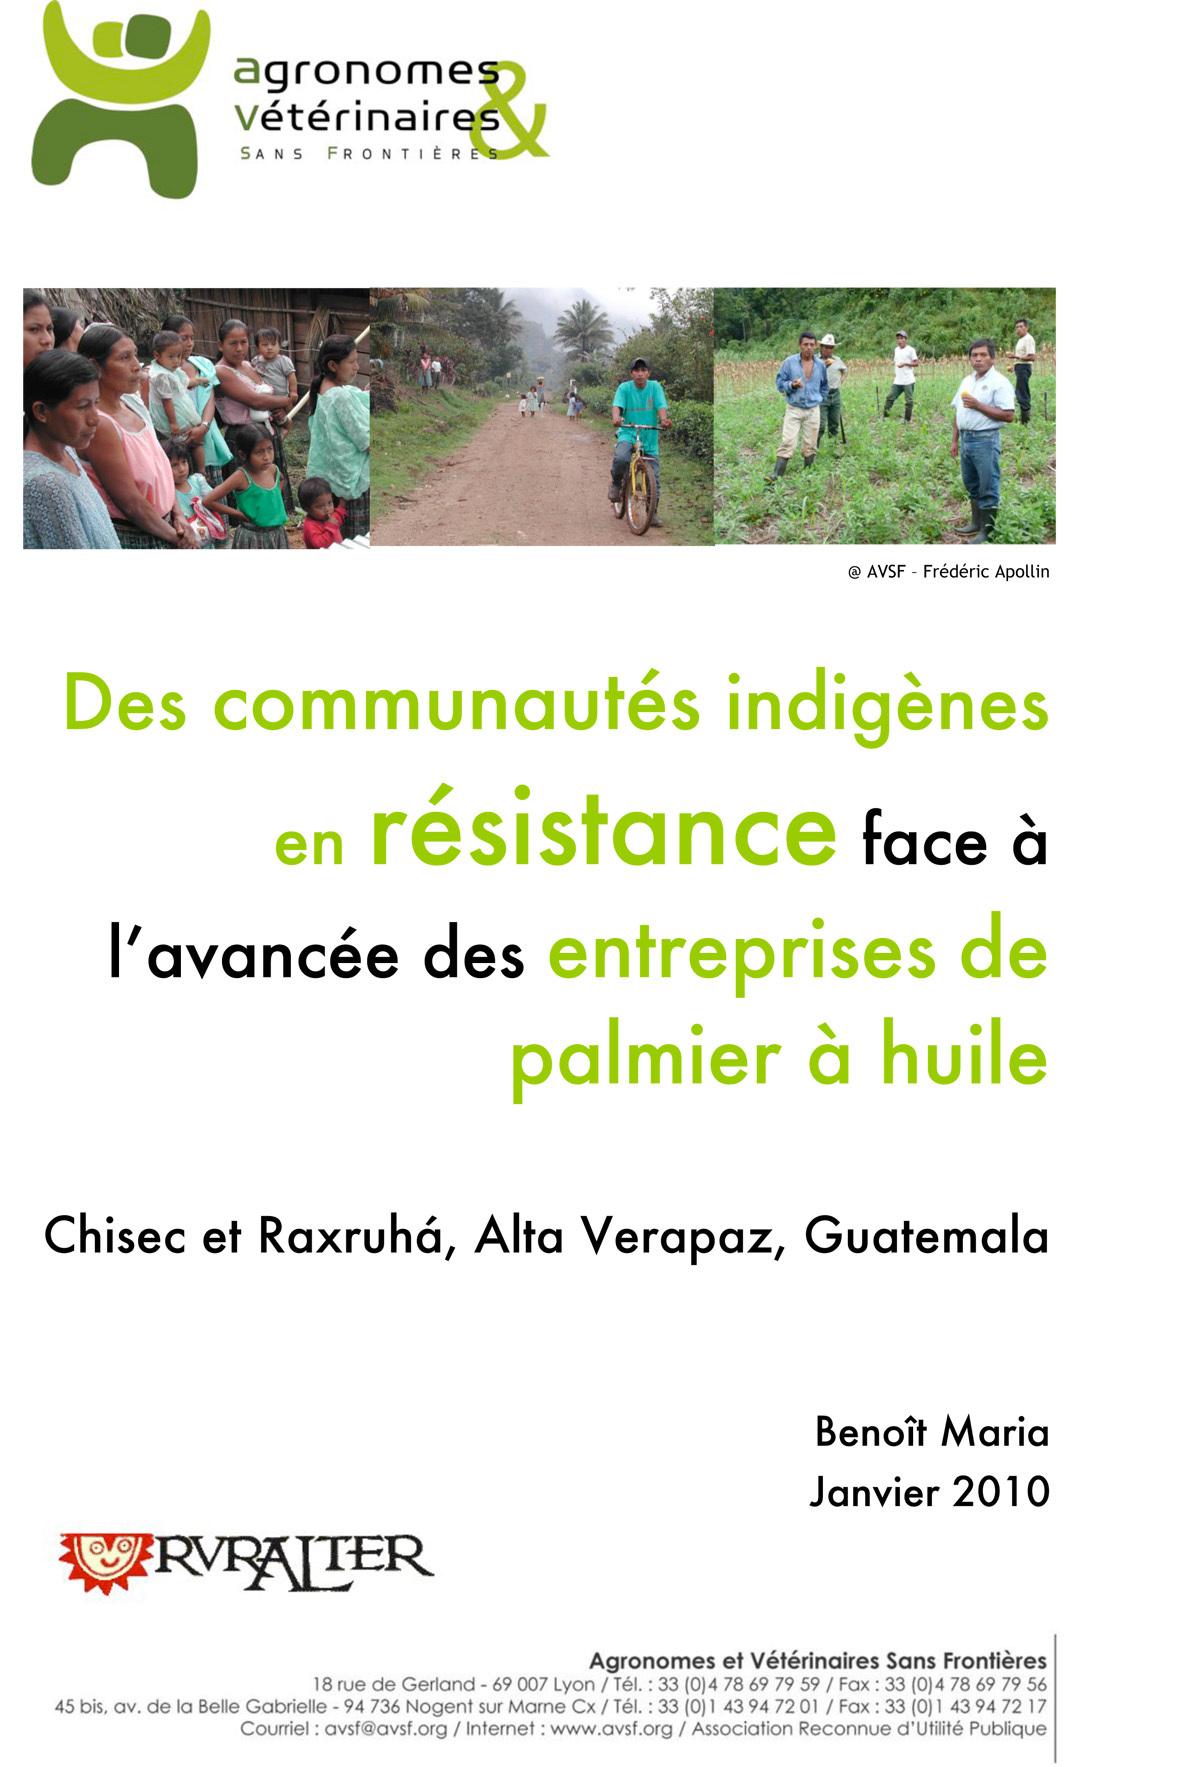 Thumbnail - Des communautés indigènes en résistance face à l'avancée des entreprises de palmiers à huile au Guatemala